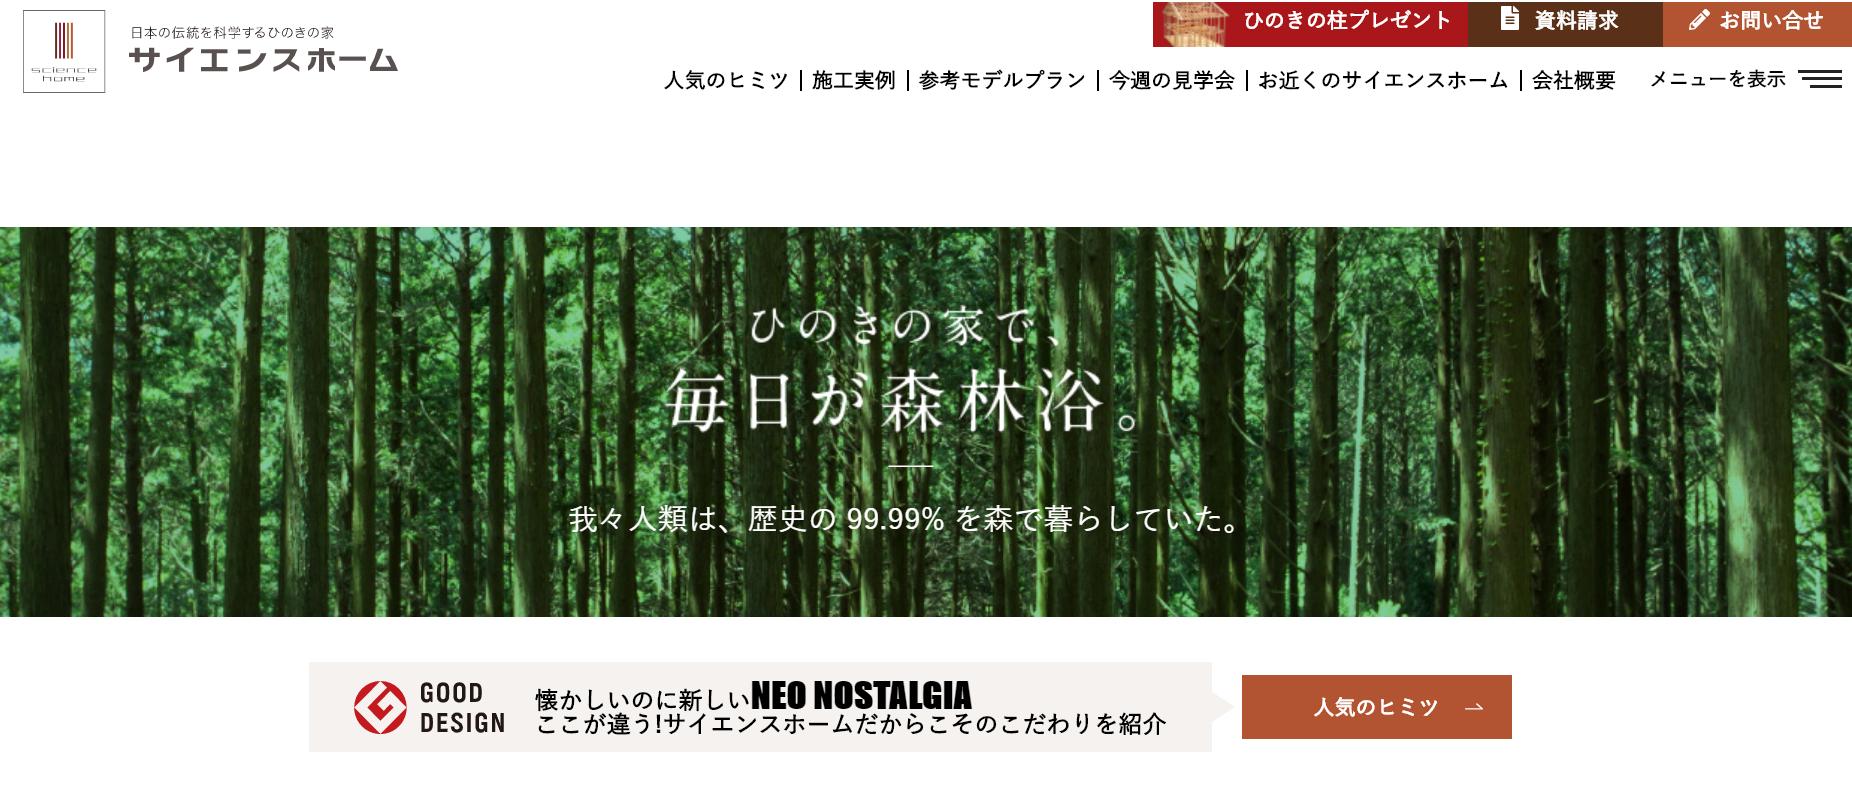 サイエンスホームの評判・口コミ【群馬/30代男性】